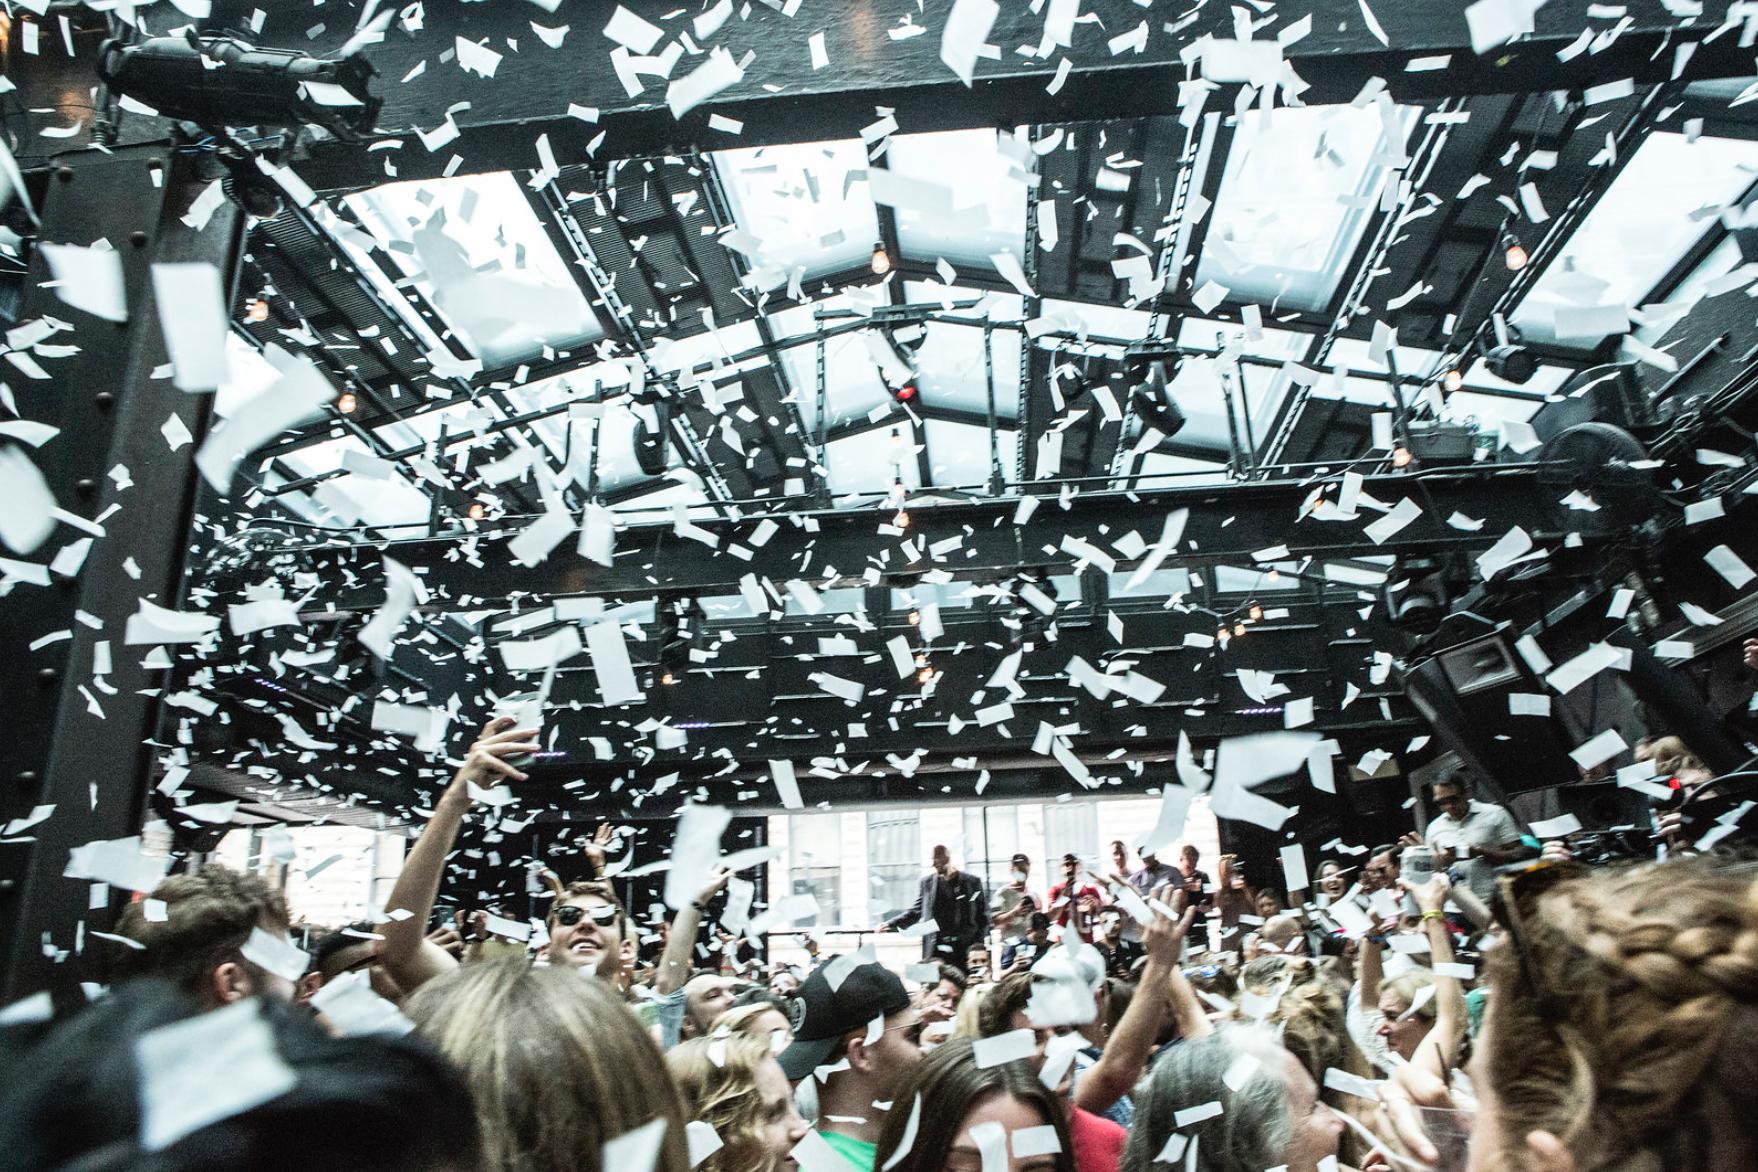 confetti-falling-at-DJ-event.jpg